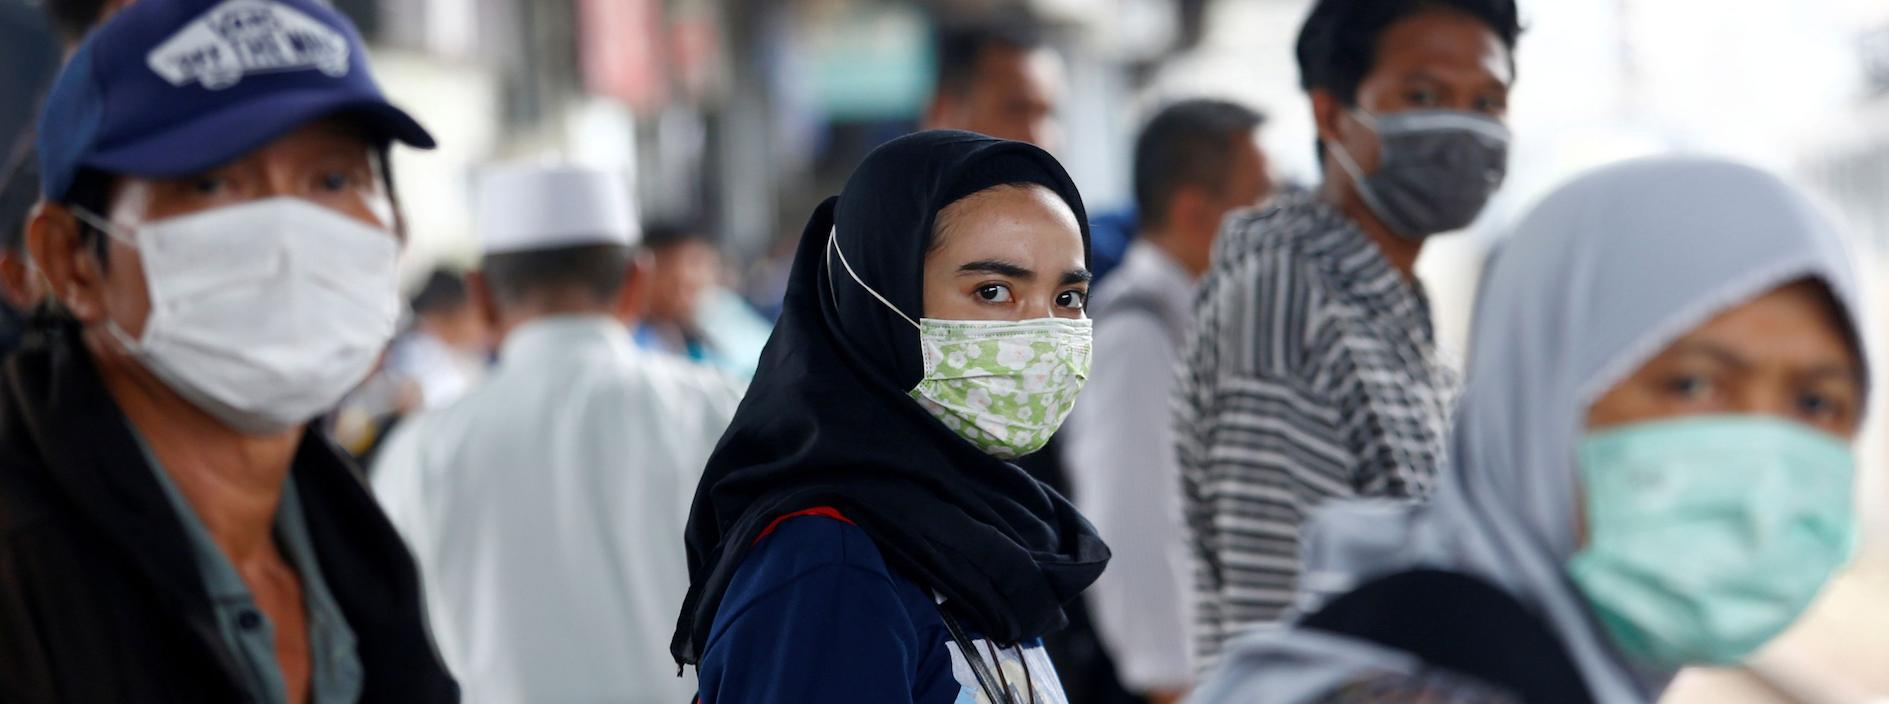 Une femme porte une masque pour se protéger contre le coronavirus en Indonésie.